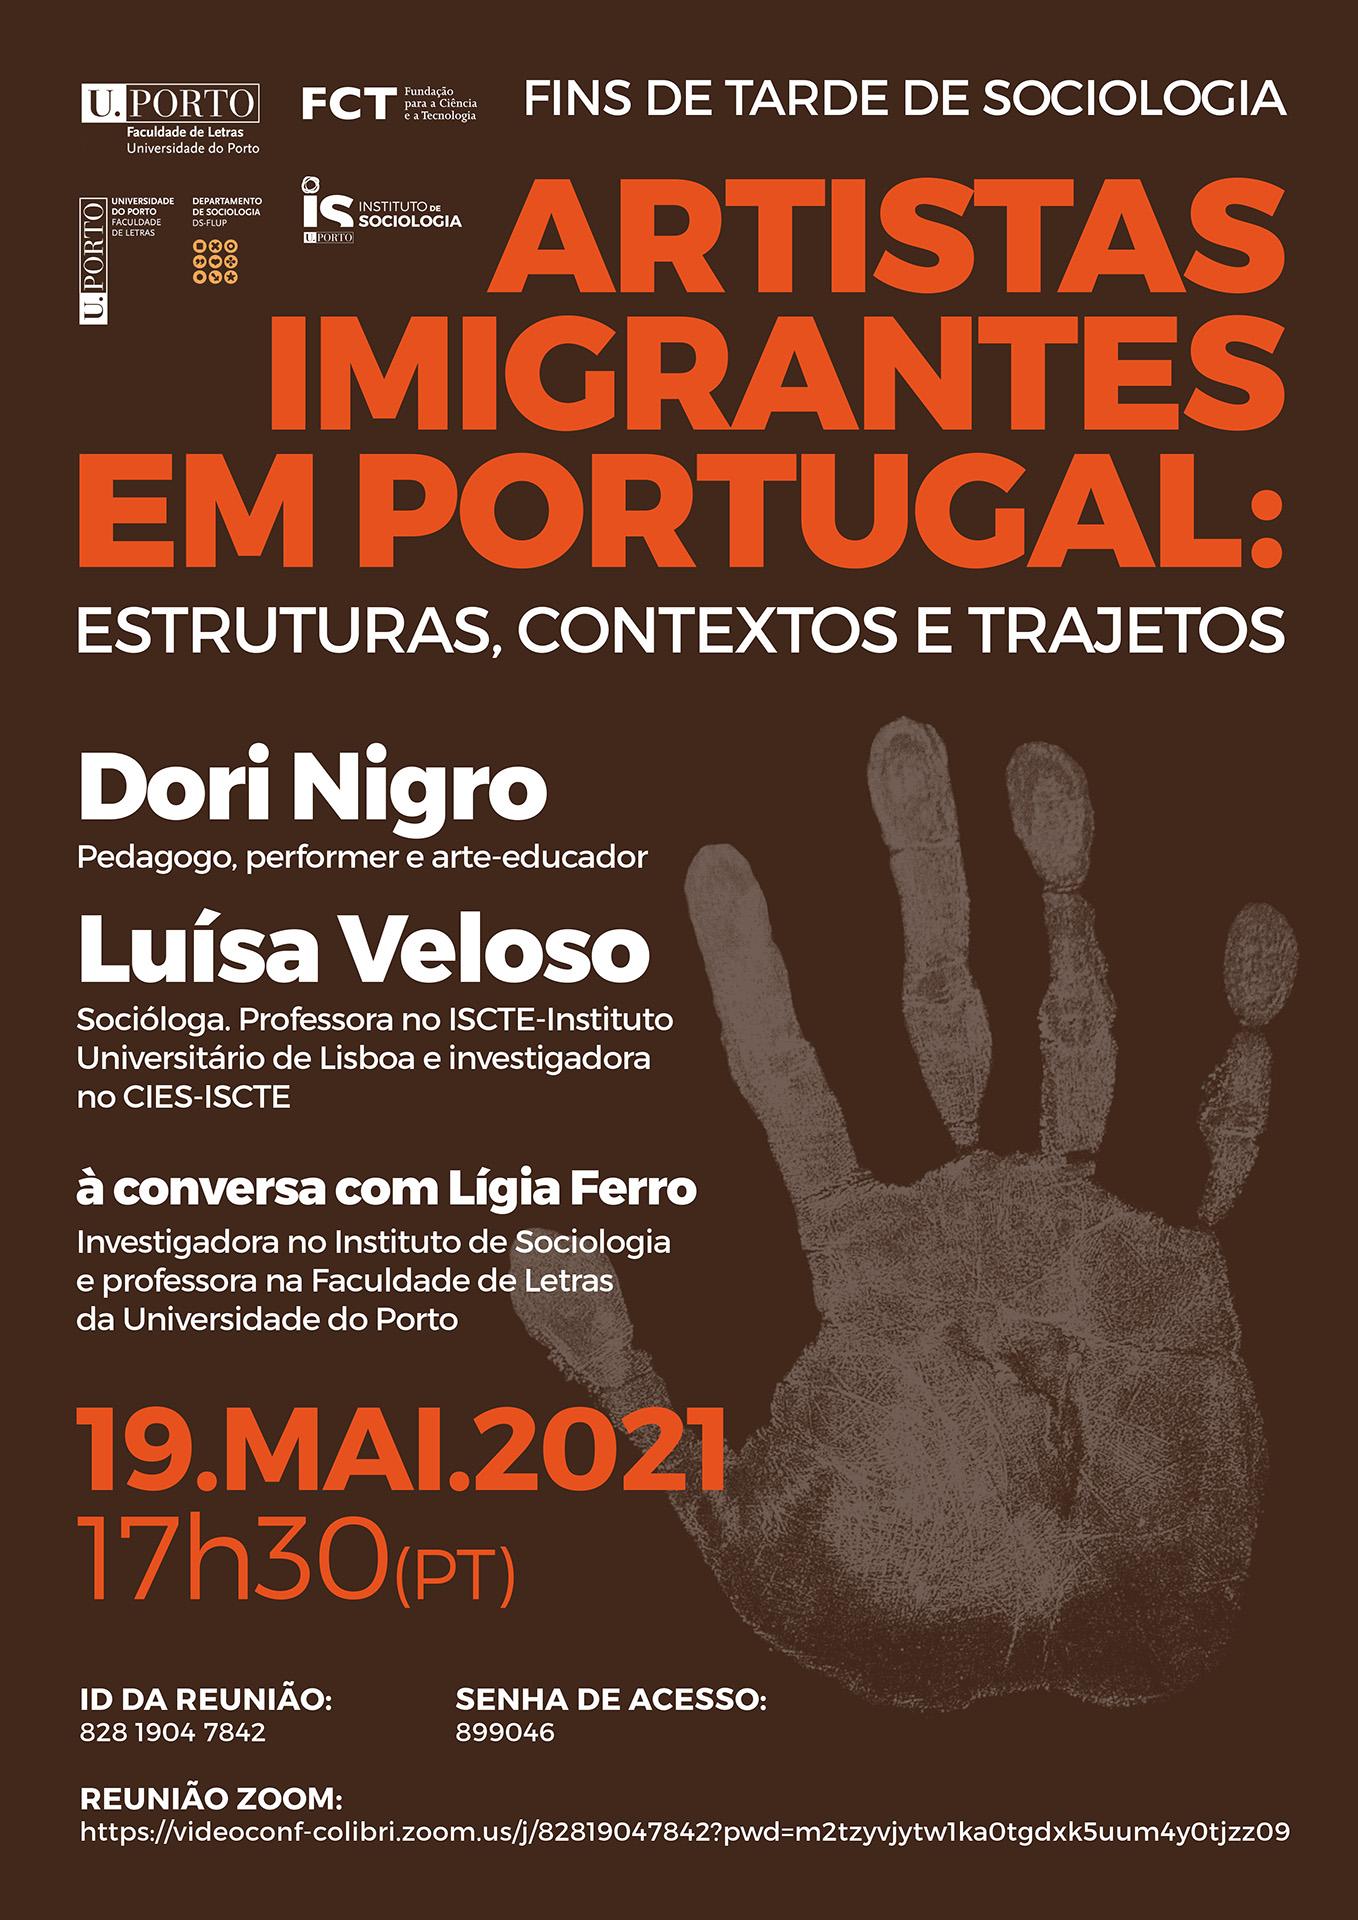 Fins de Tarde de Sociologia: Artistas Imigrantes em Portugal